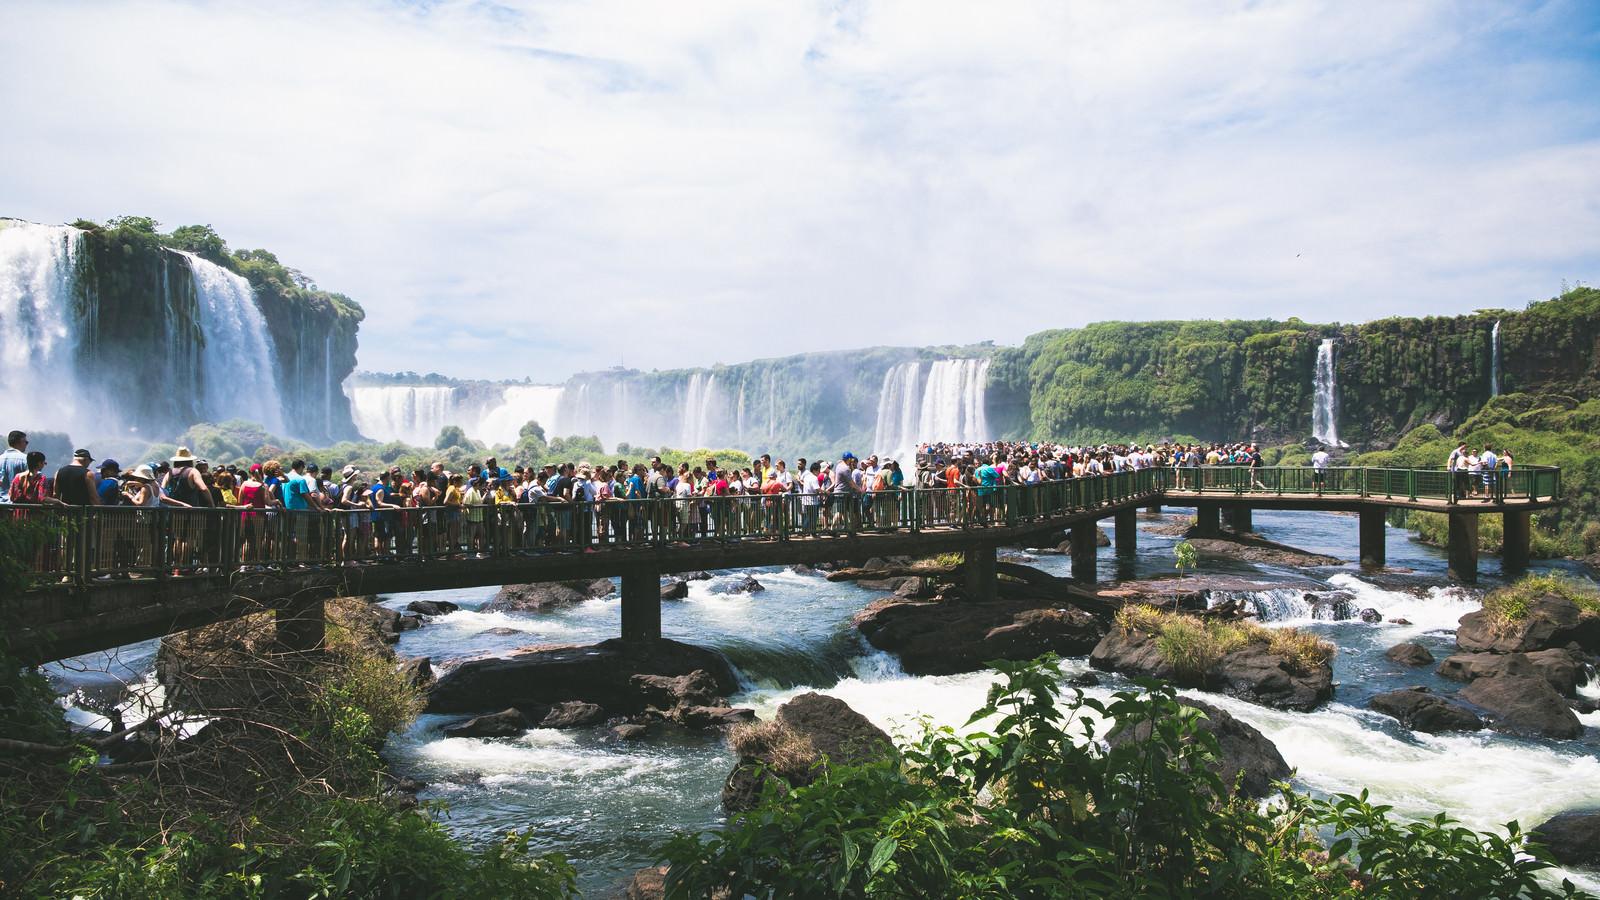 「イグアスの滝見物の長い行列(南米大陸)」の写真